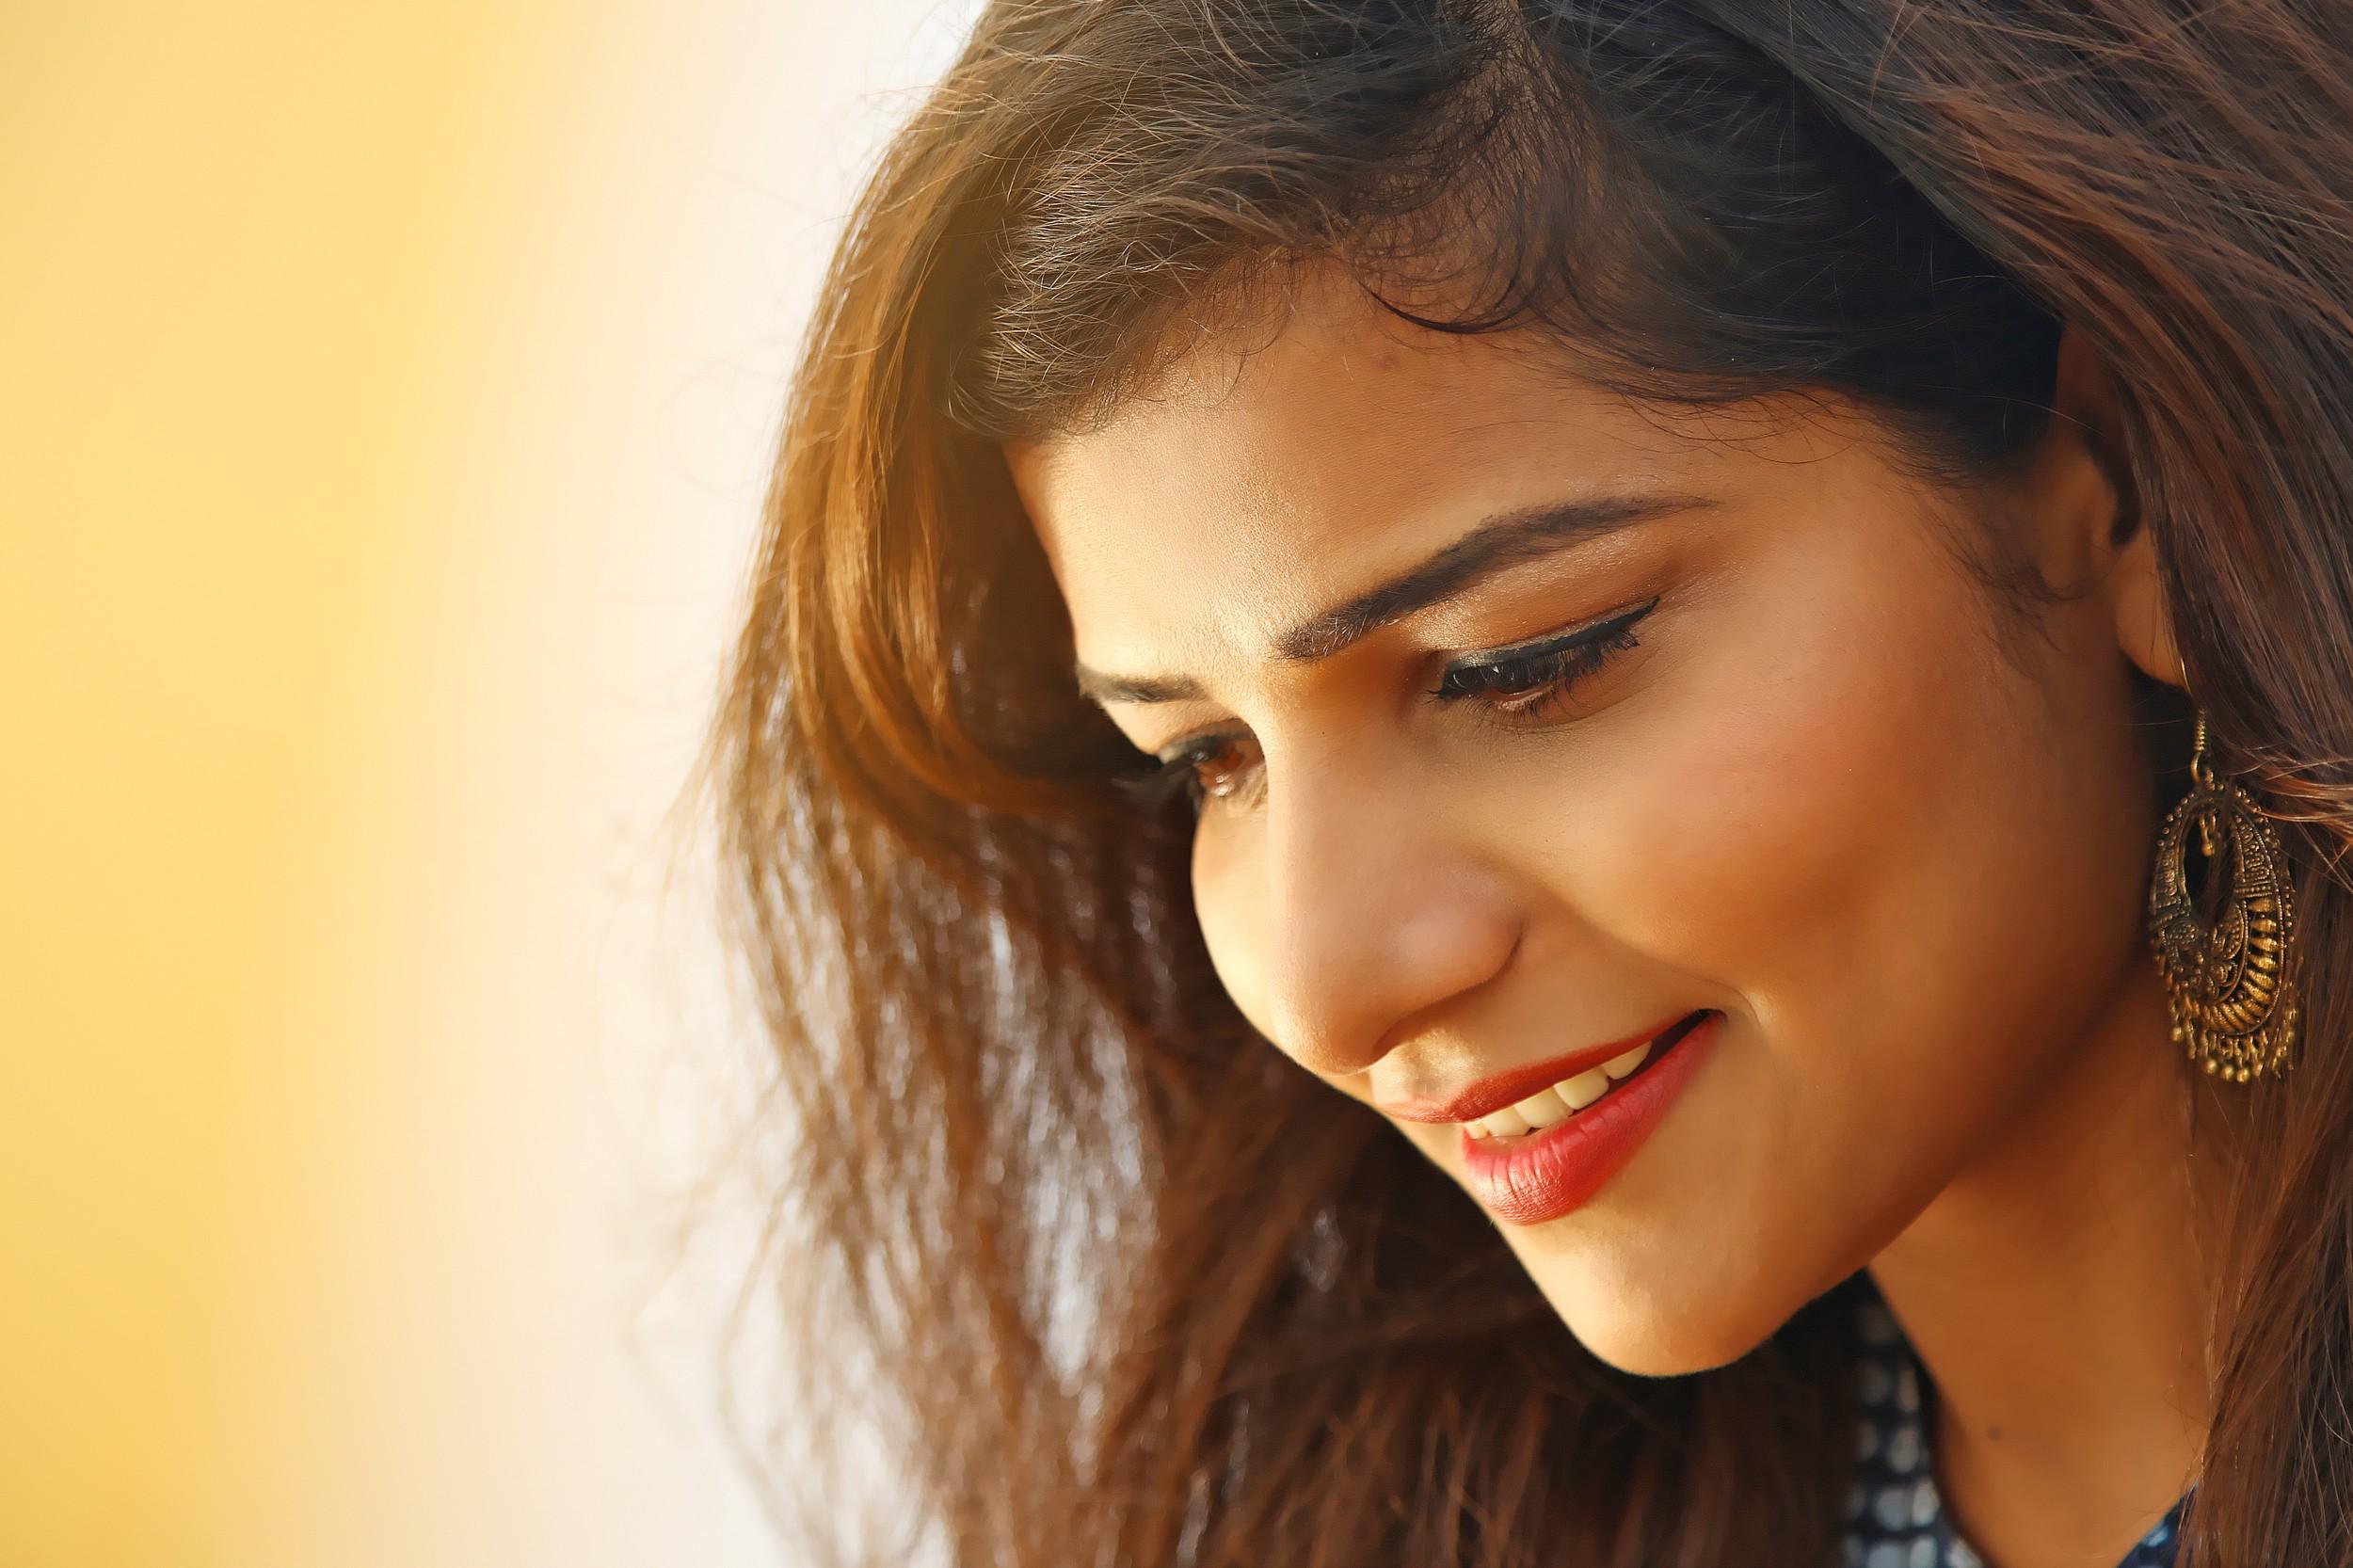 நடிகை அஞ்சு க்ரிதி லேட்டஸ்ட் போட்டோஷூட் ஸ்டில்ஸ்..!